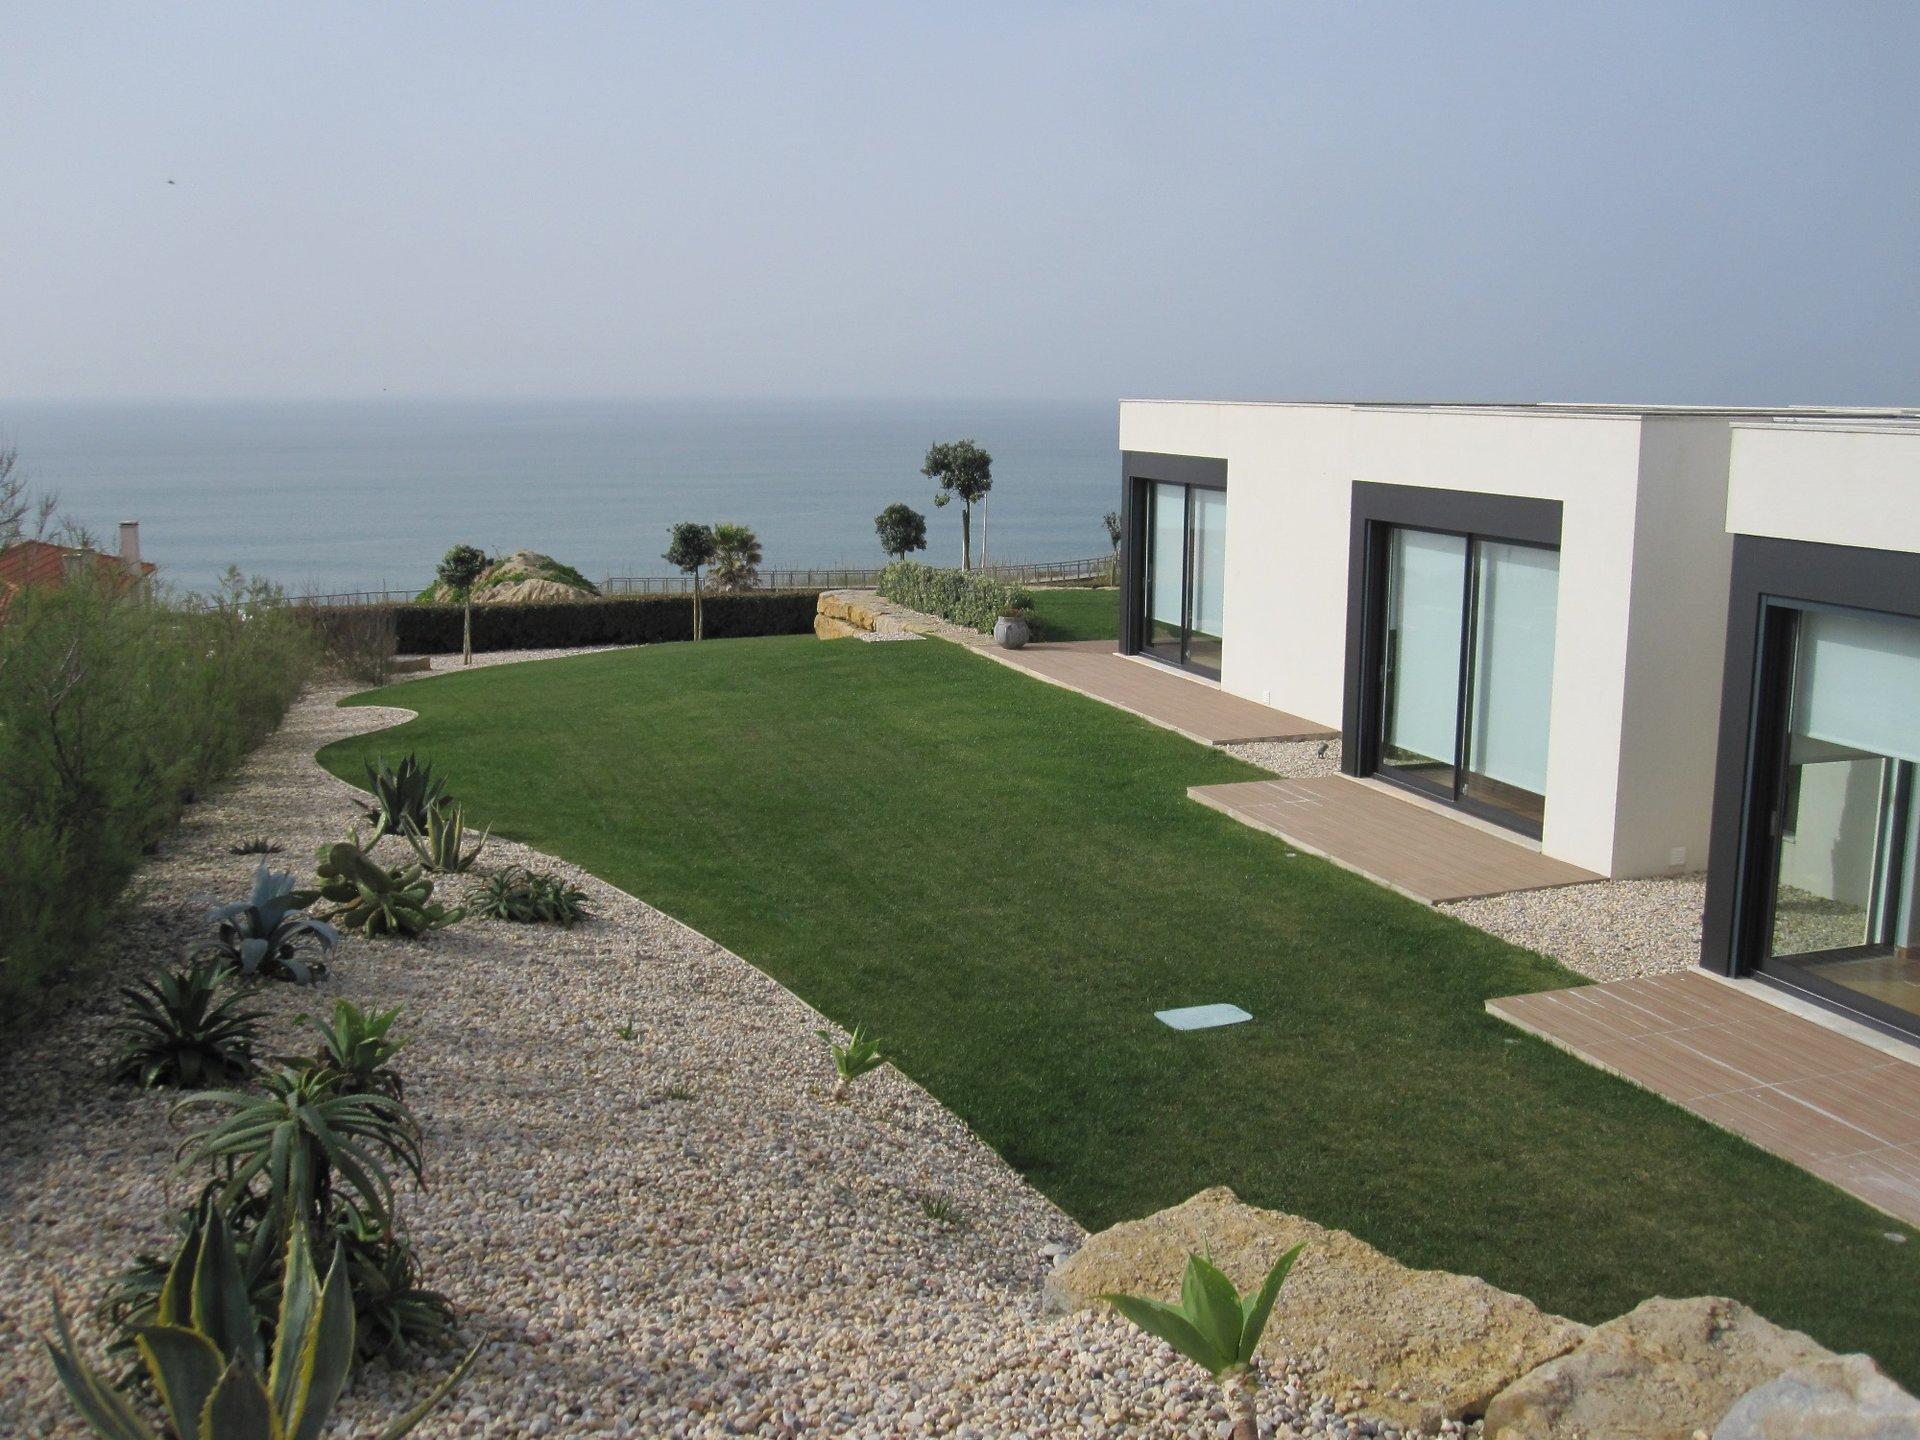 3 Bedroom Villa Foz do Arelho, Silver Coast Ref: AV2106